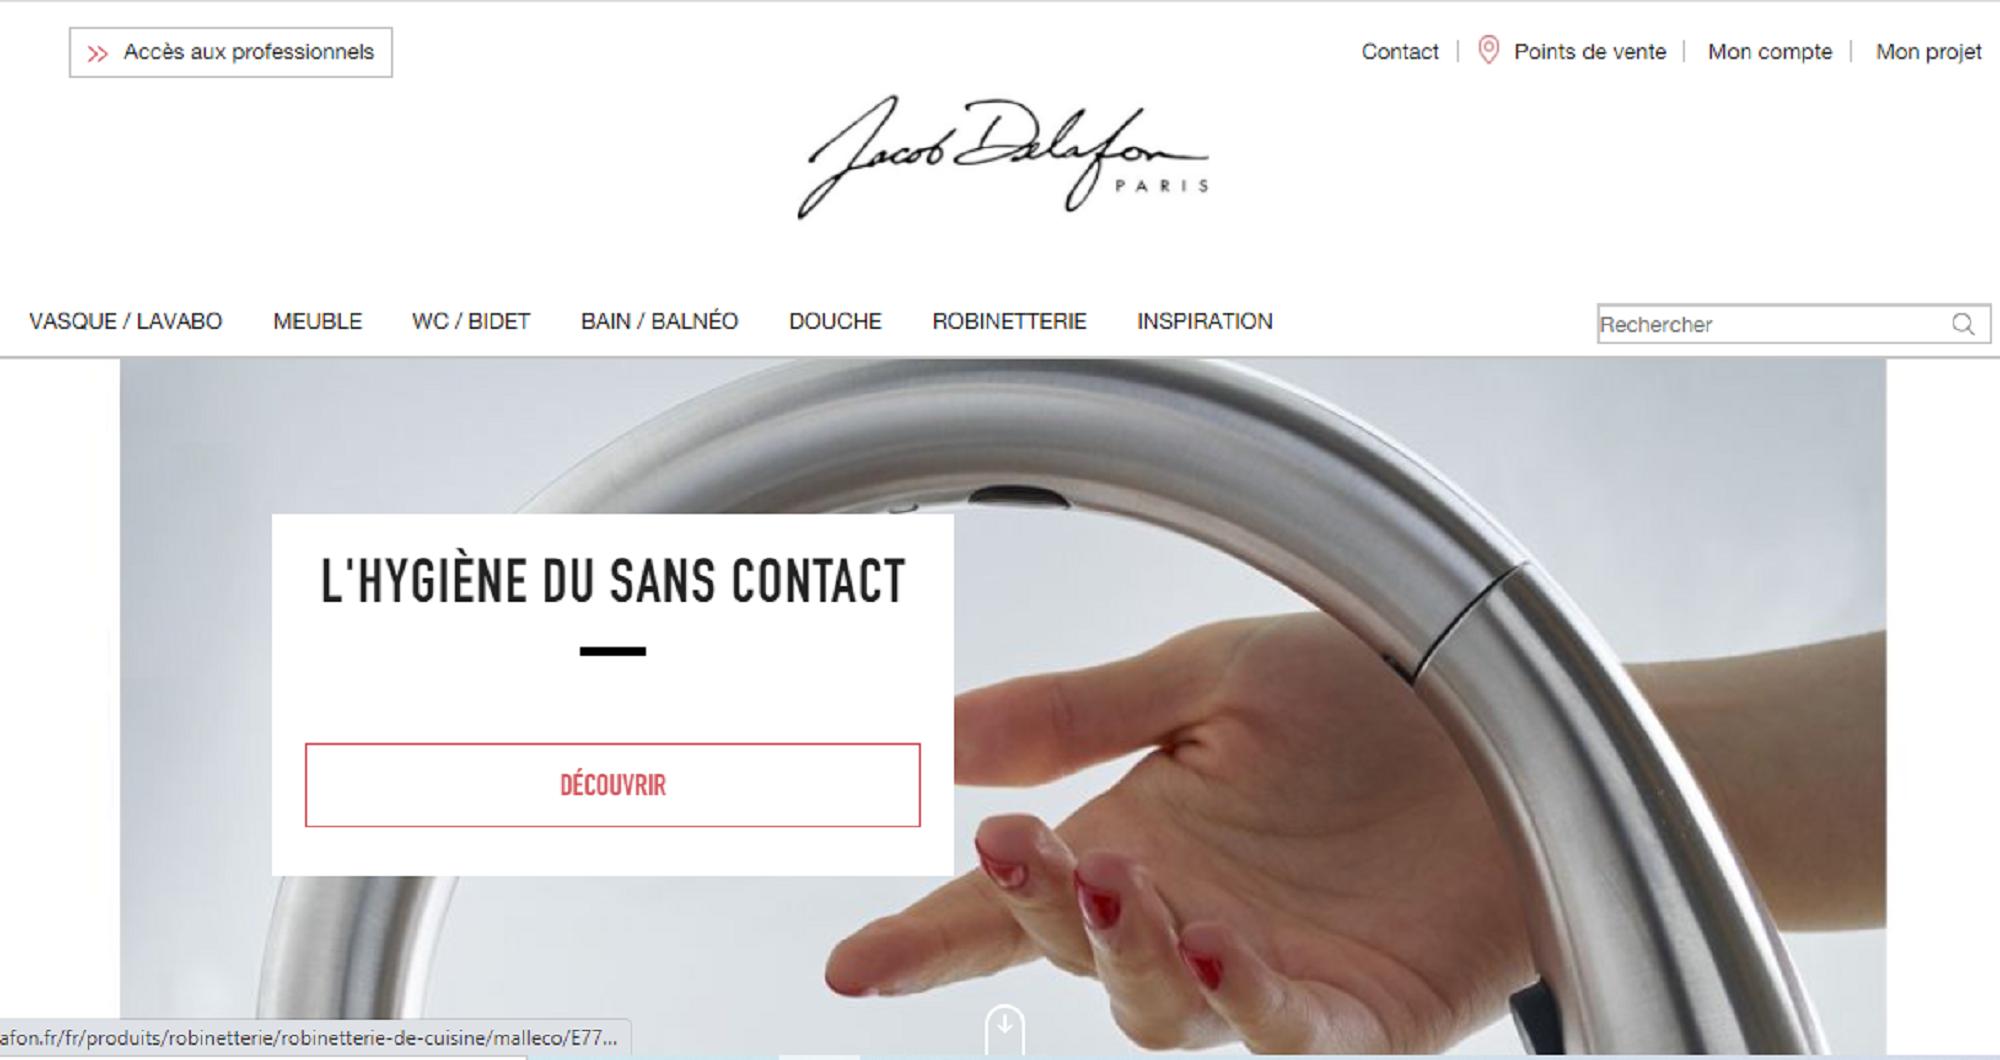 Jura: 151 emplois menacés chez Jacob Delafon